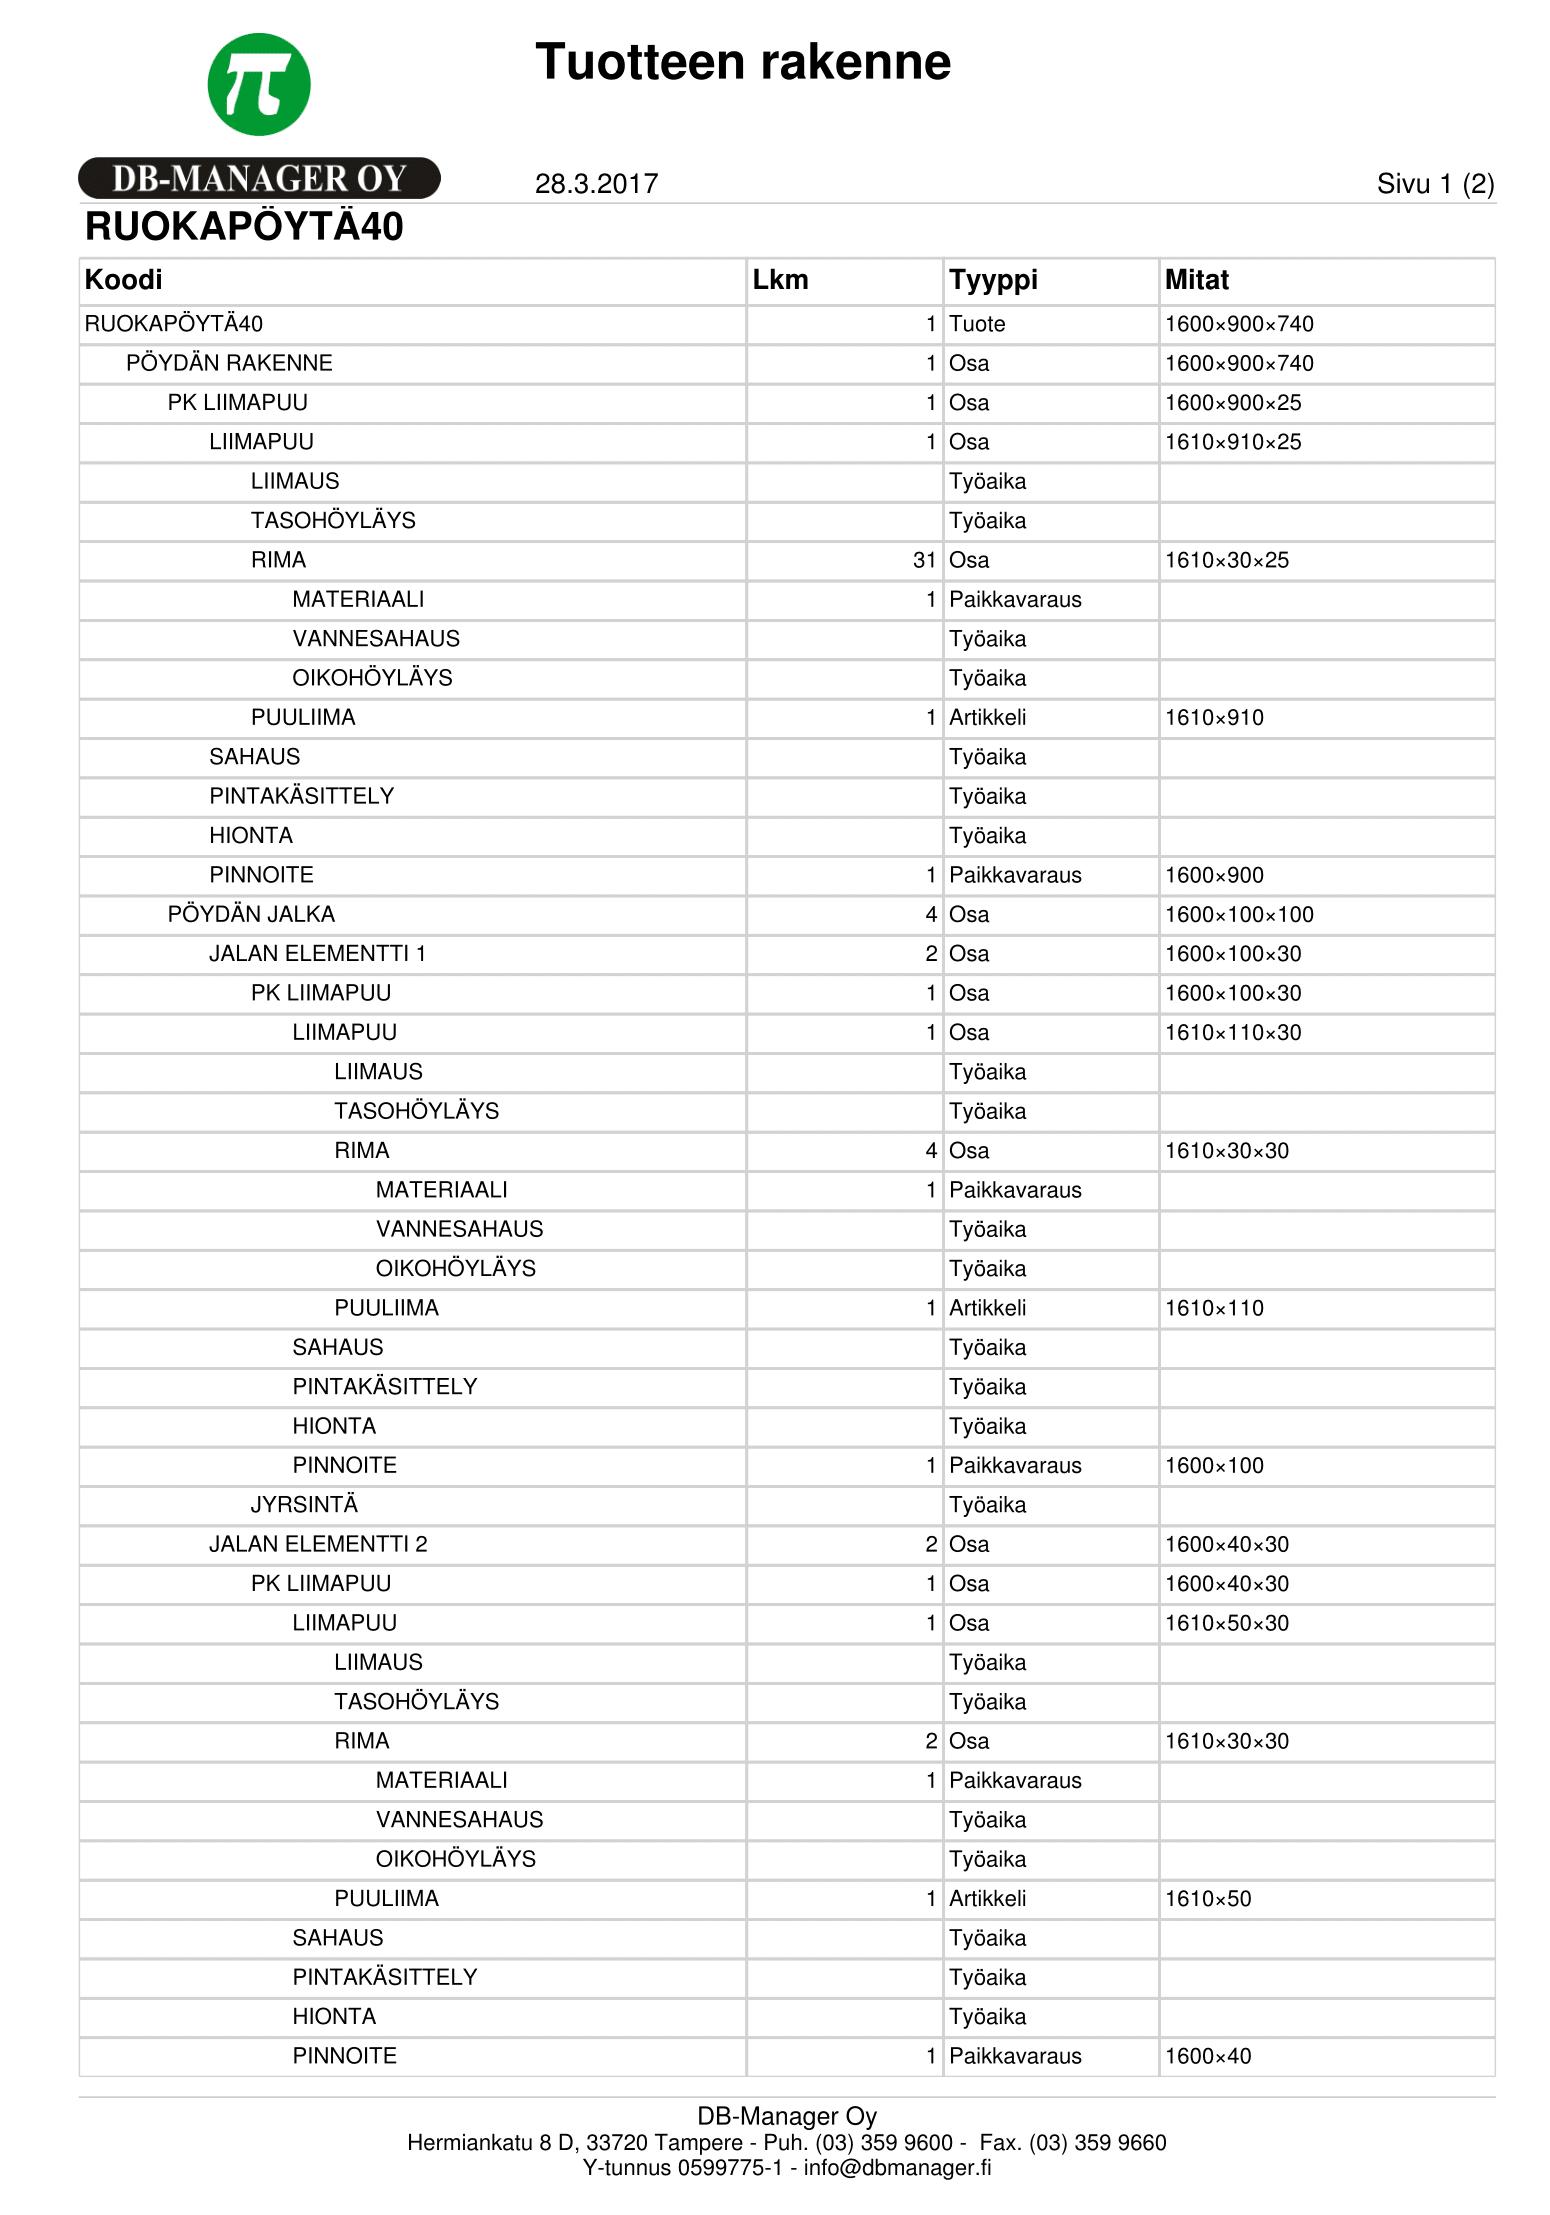 Tuote ja osarakenneraportti